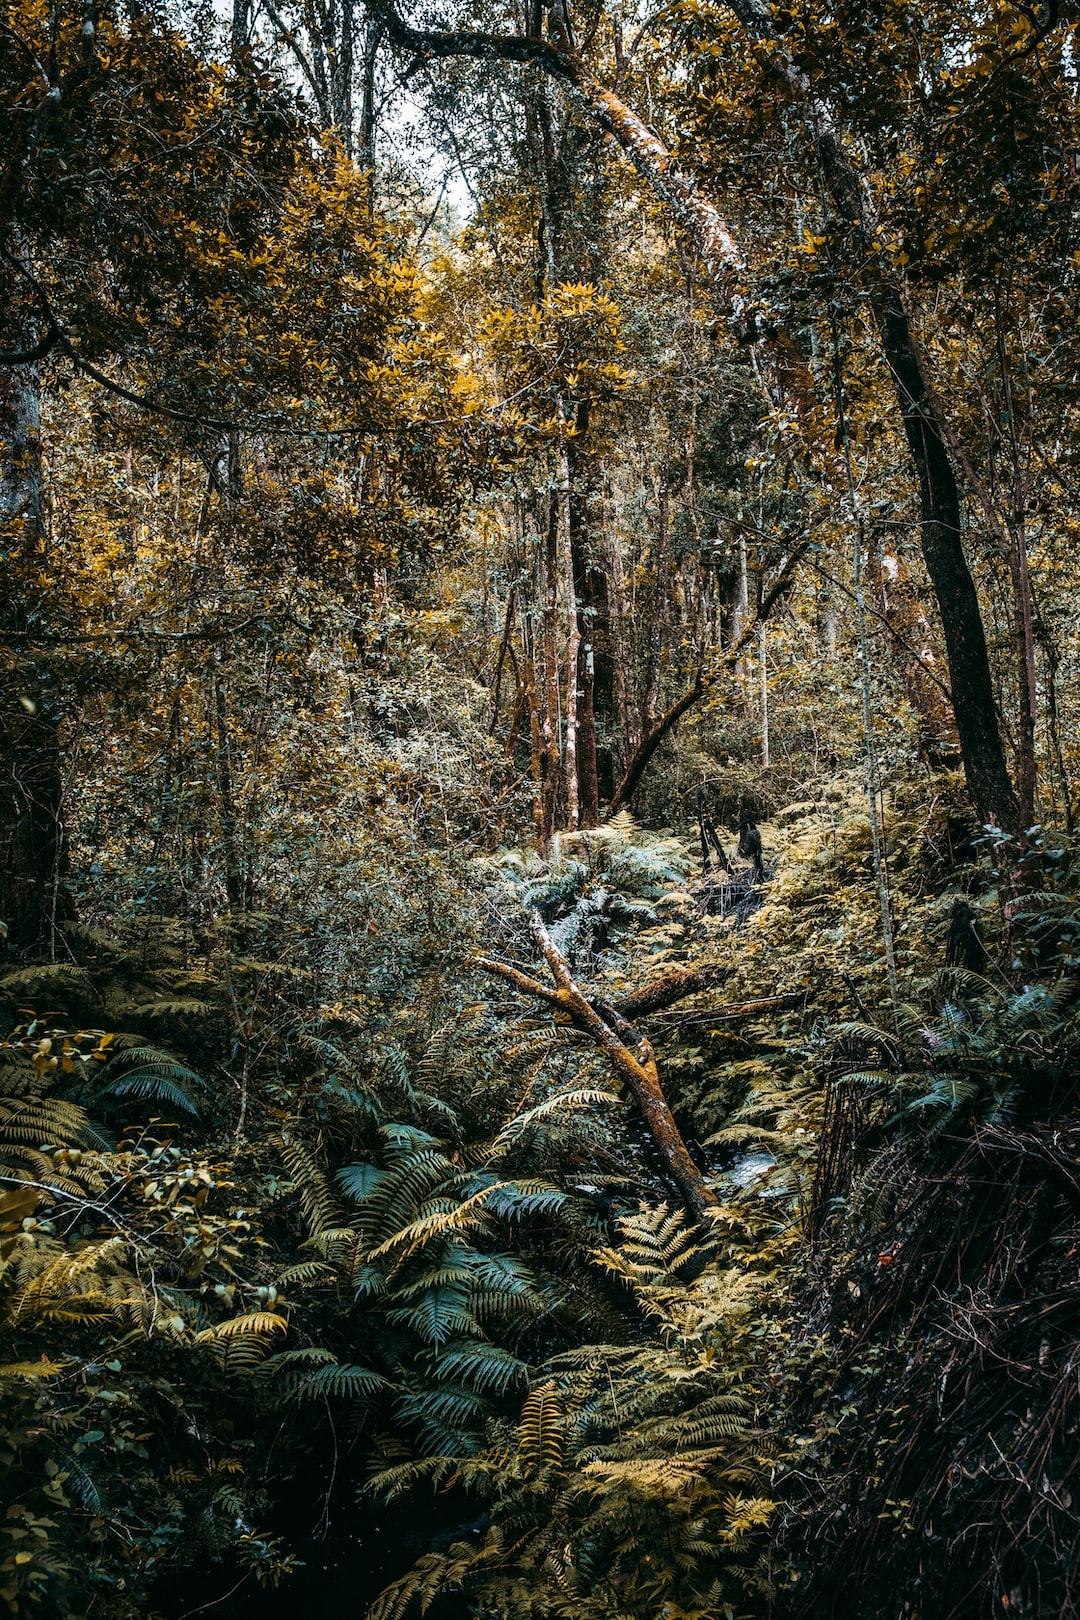 Green jungle rainforest in Knysna, South Africa